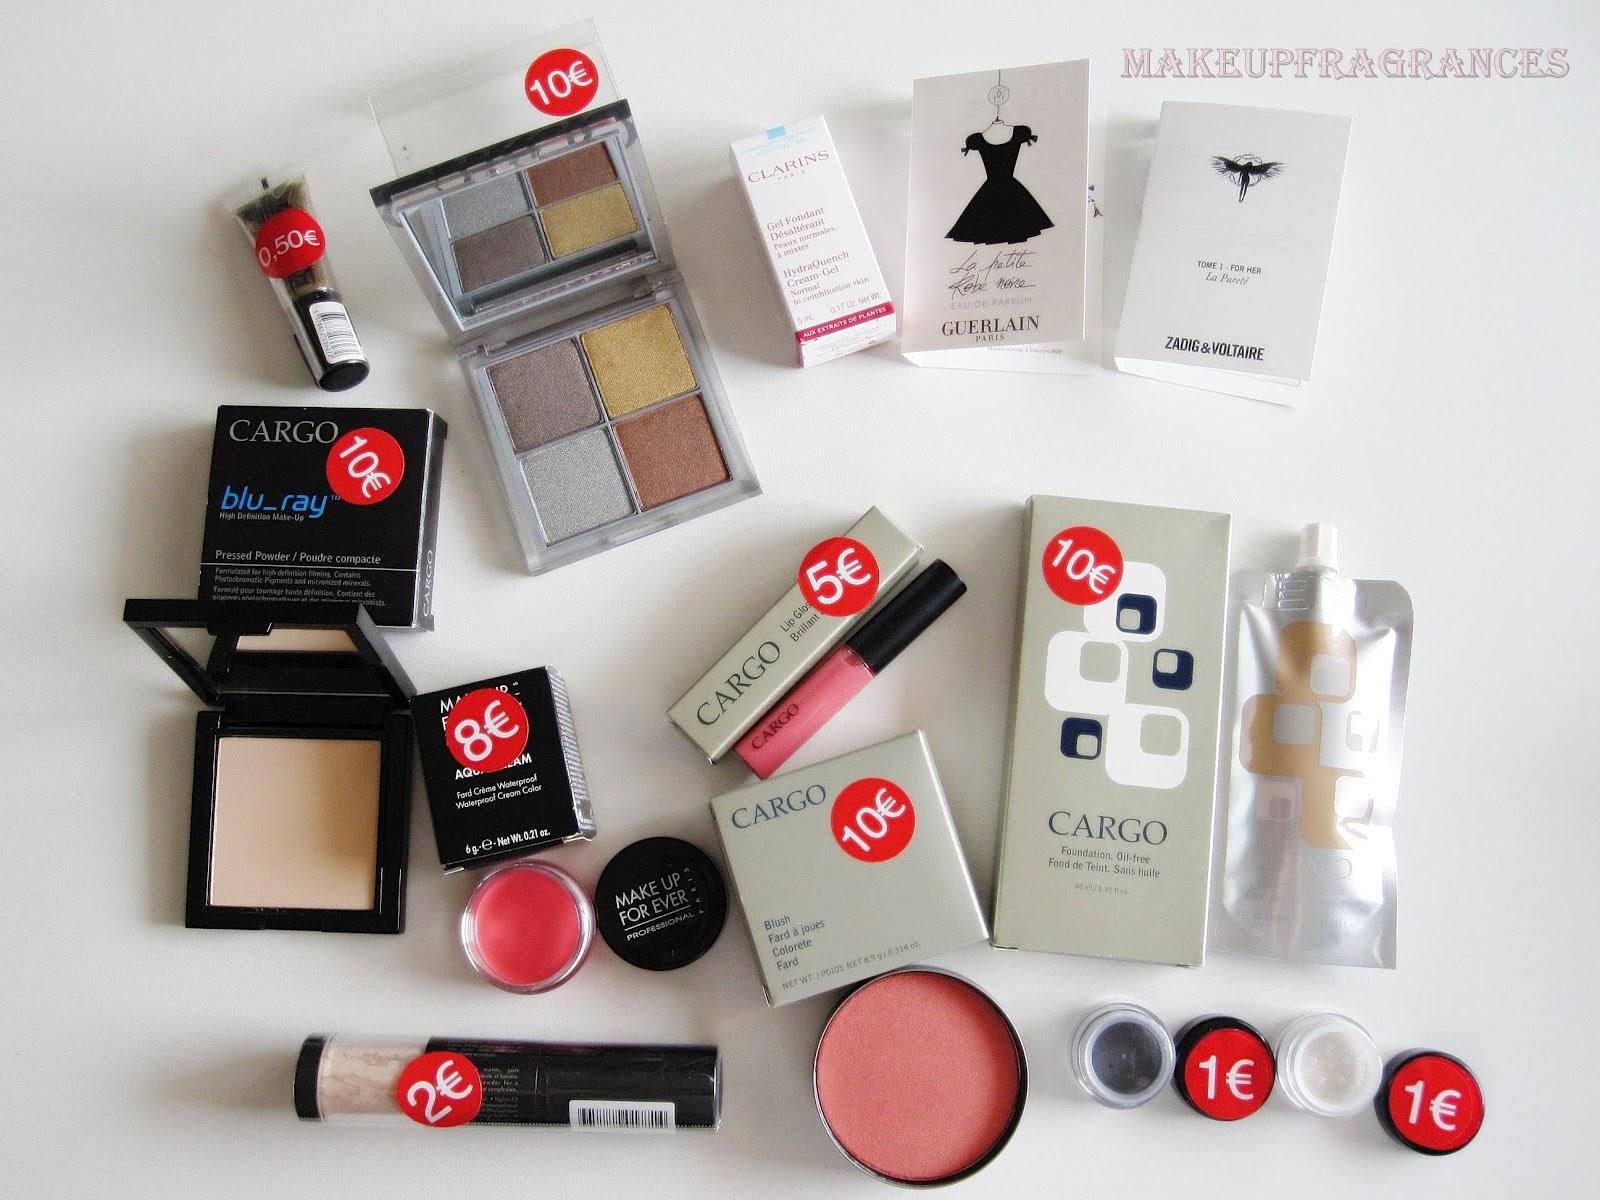 makeup fragrances precios locos de sephora junio 12 empiezo por los productos de cargo